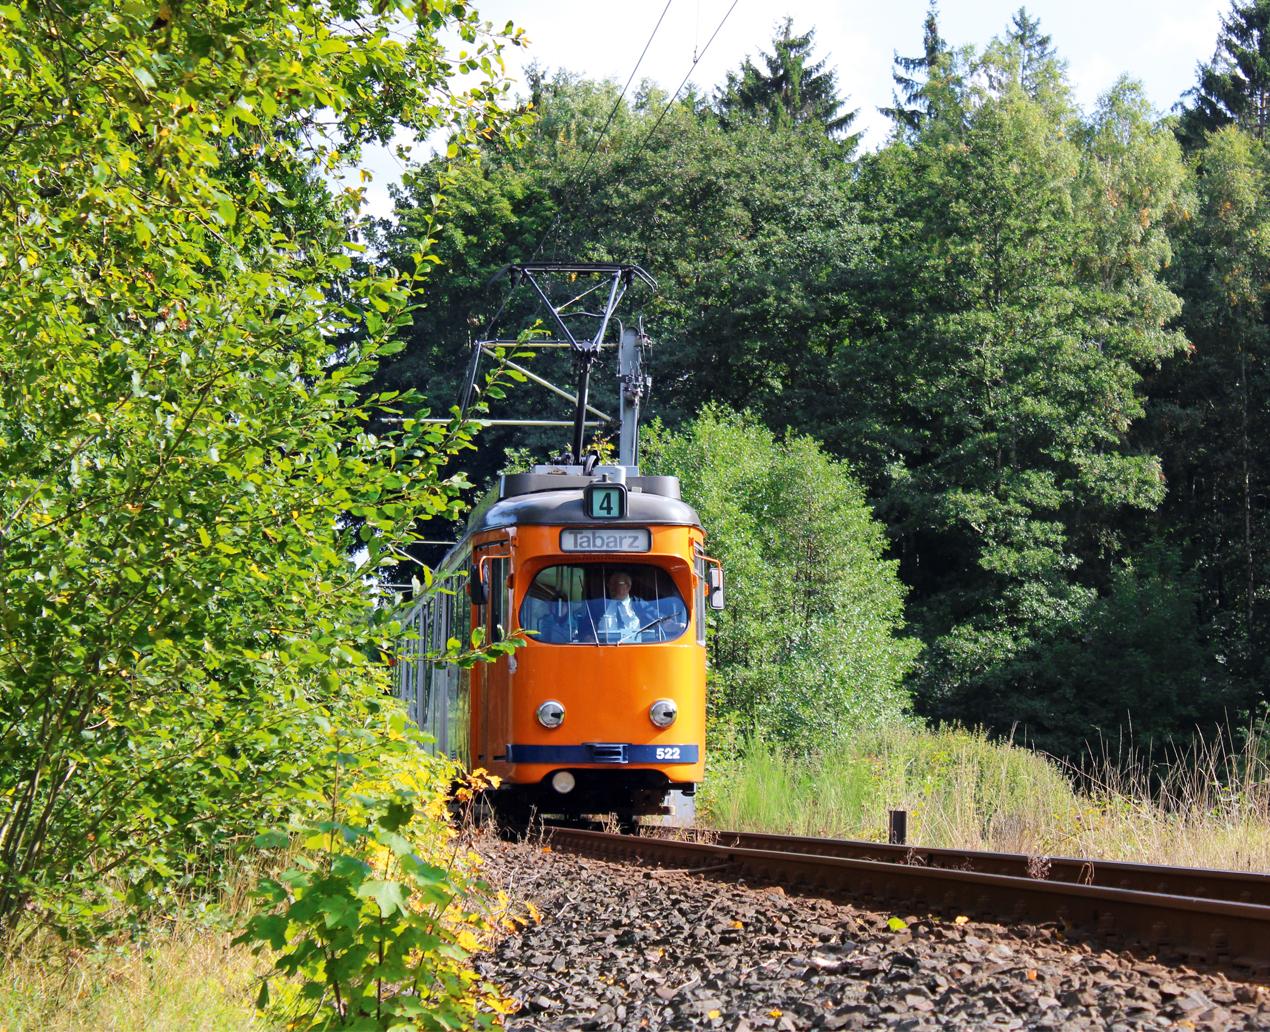 Thüringerwaldbahn ©Archiv KulTourStadt Gotha GmbH